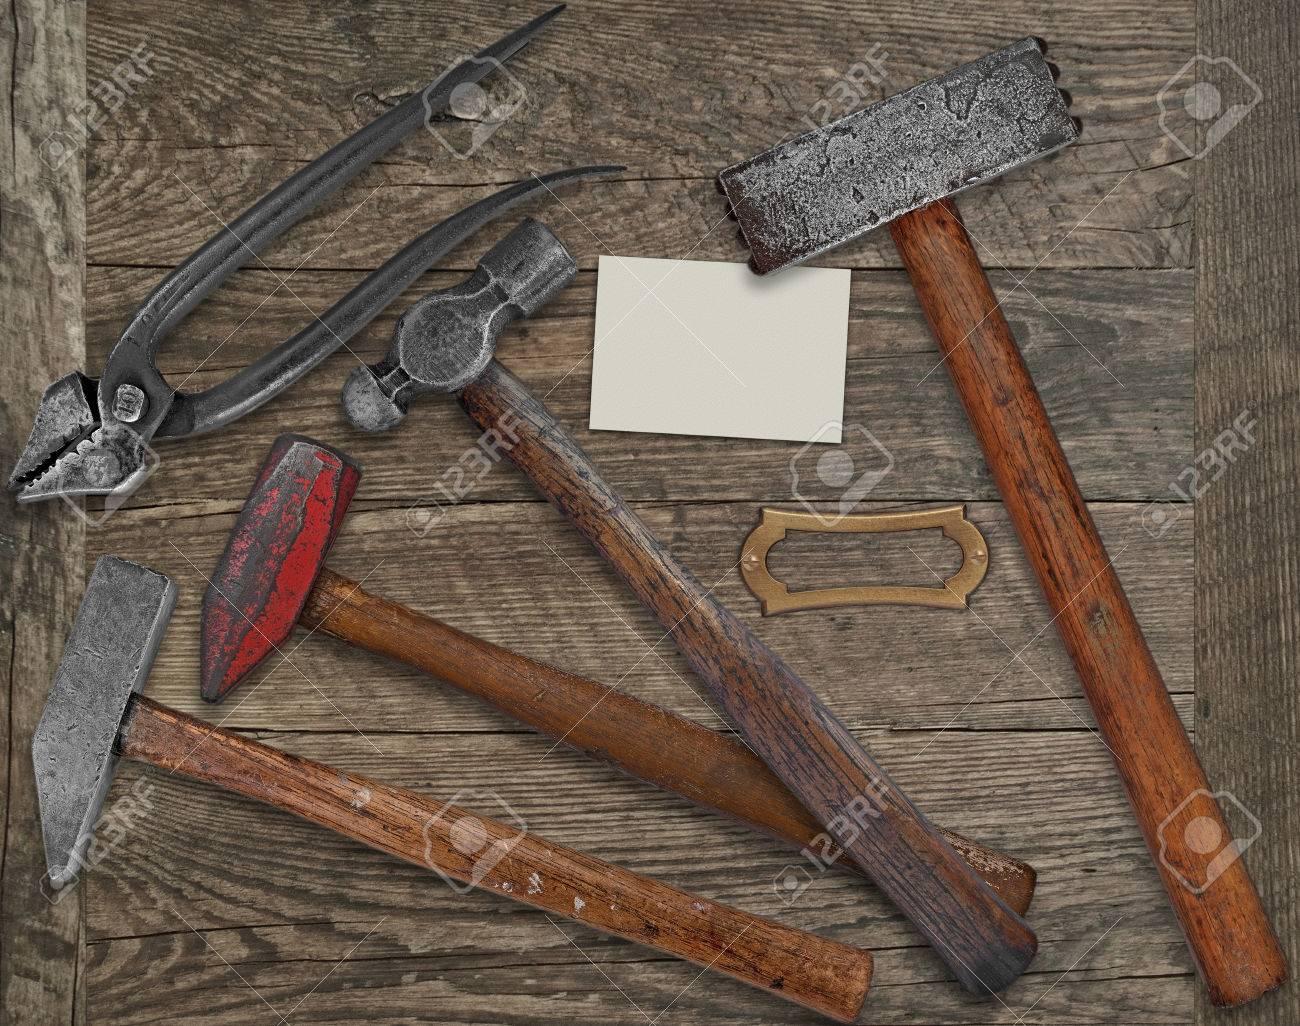 Forgeron Ou Metallerie Outils Millesime Plus De Banc Bois Plaque Vierge Et Carte Visite Pour Votre Texte